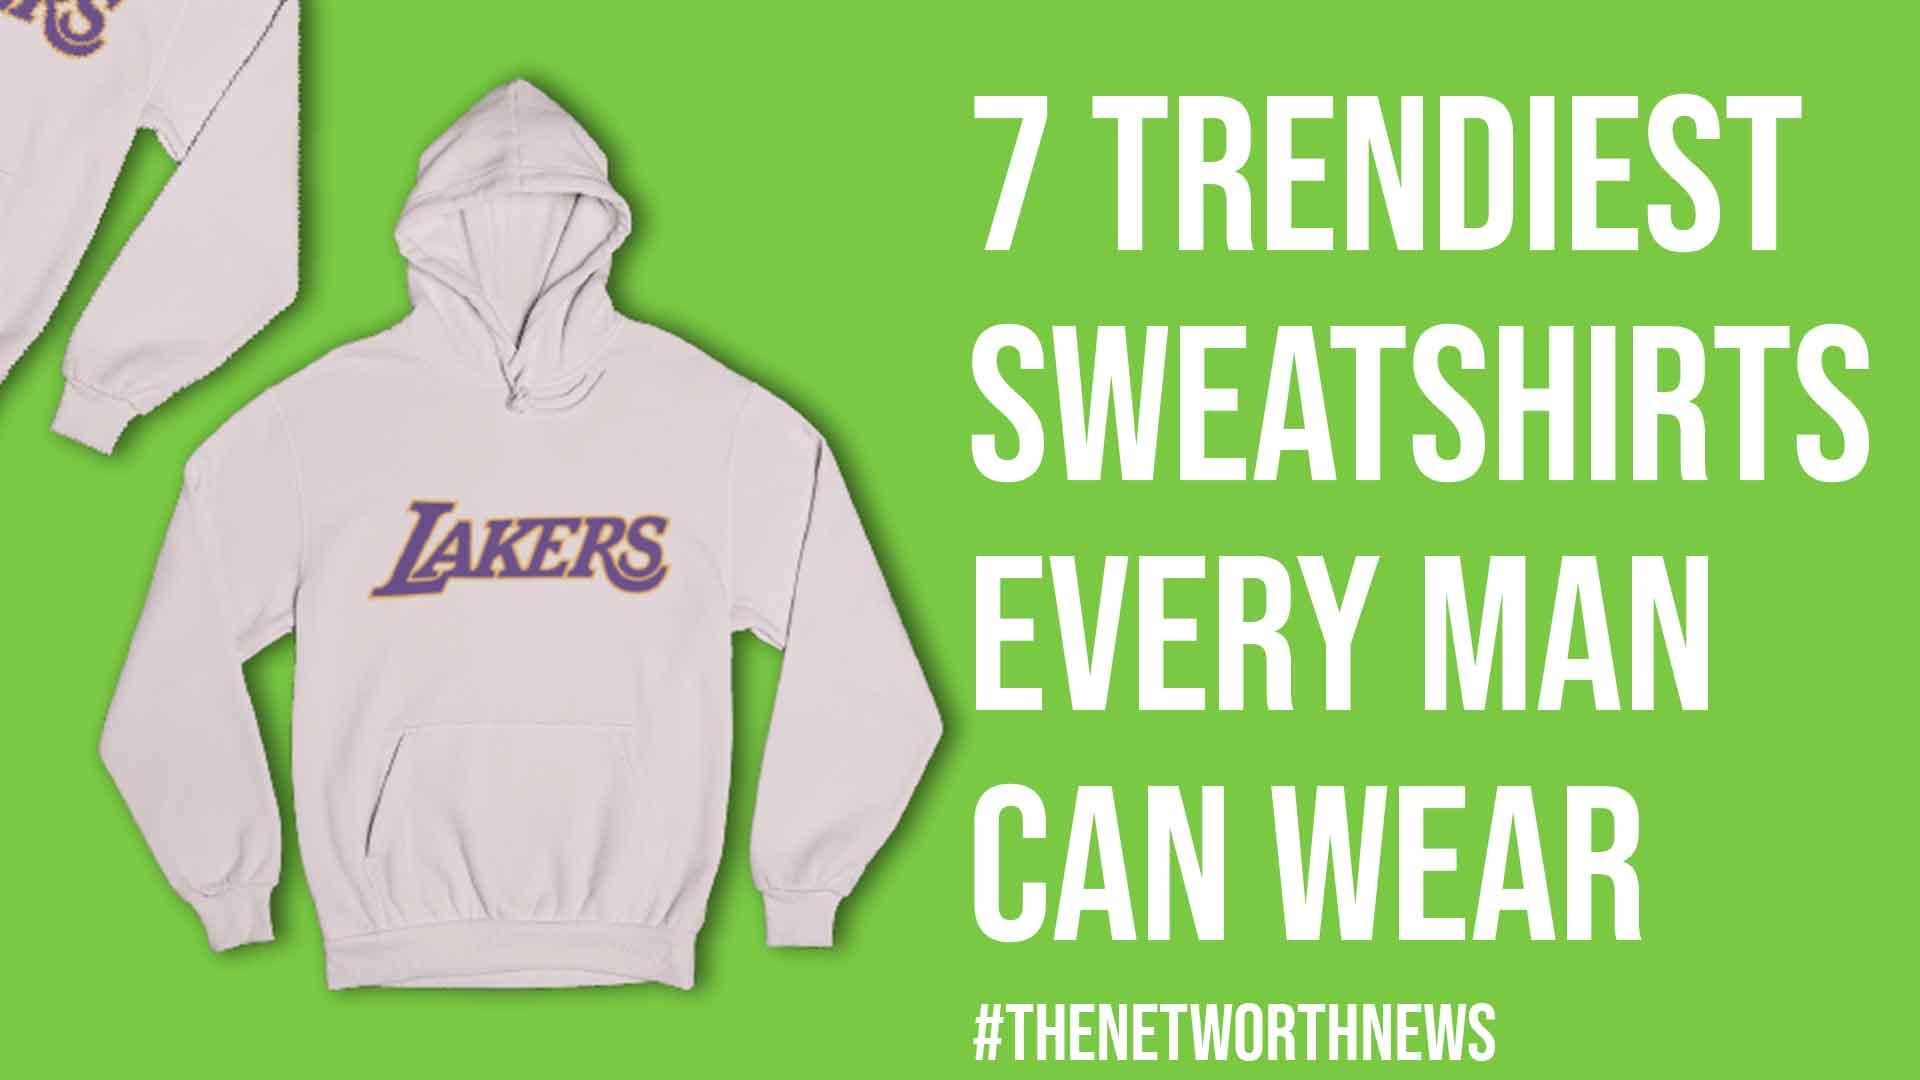 7 Trendiest Sweatshirts Every Man Can Wear